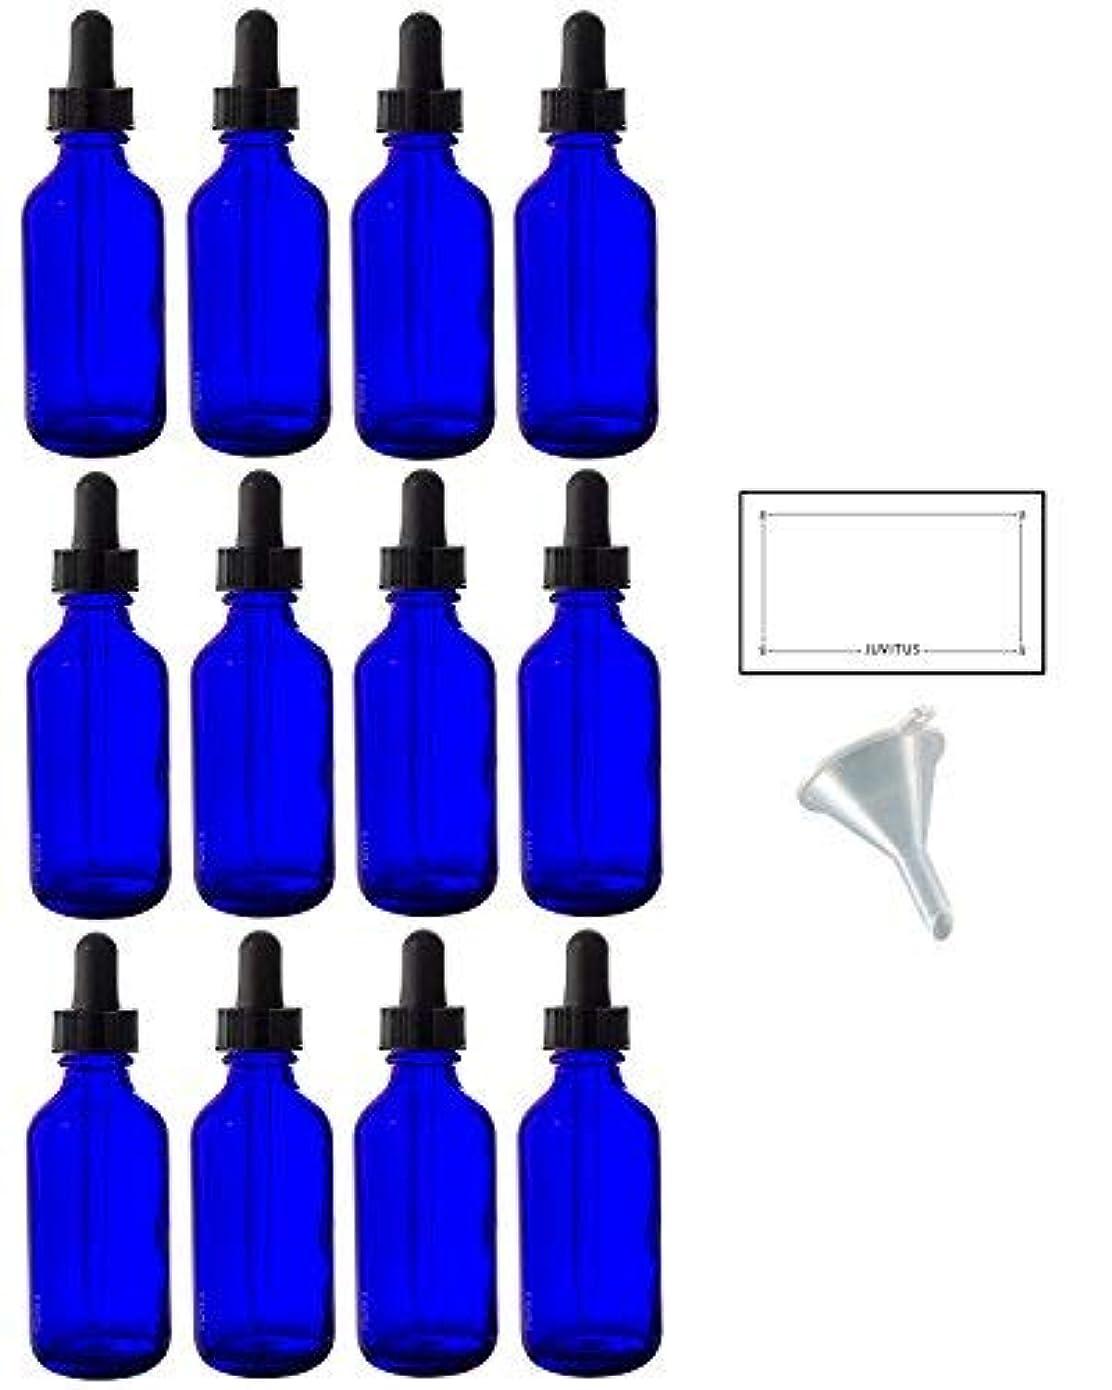 もっと少なく余裕がある然とした2 oz Cobalt Blue Glass Boston Round Dropper Bottle (12 pack) + Funnel and Labels for essential oils, aromatherapy...